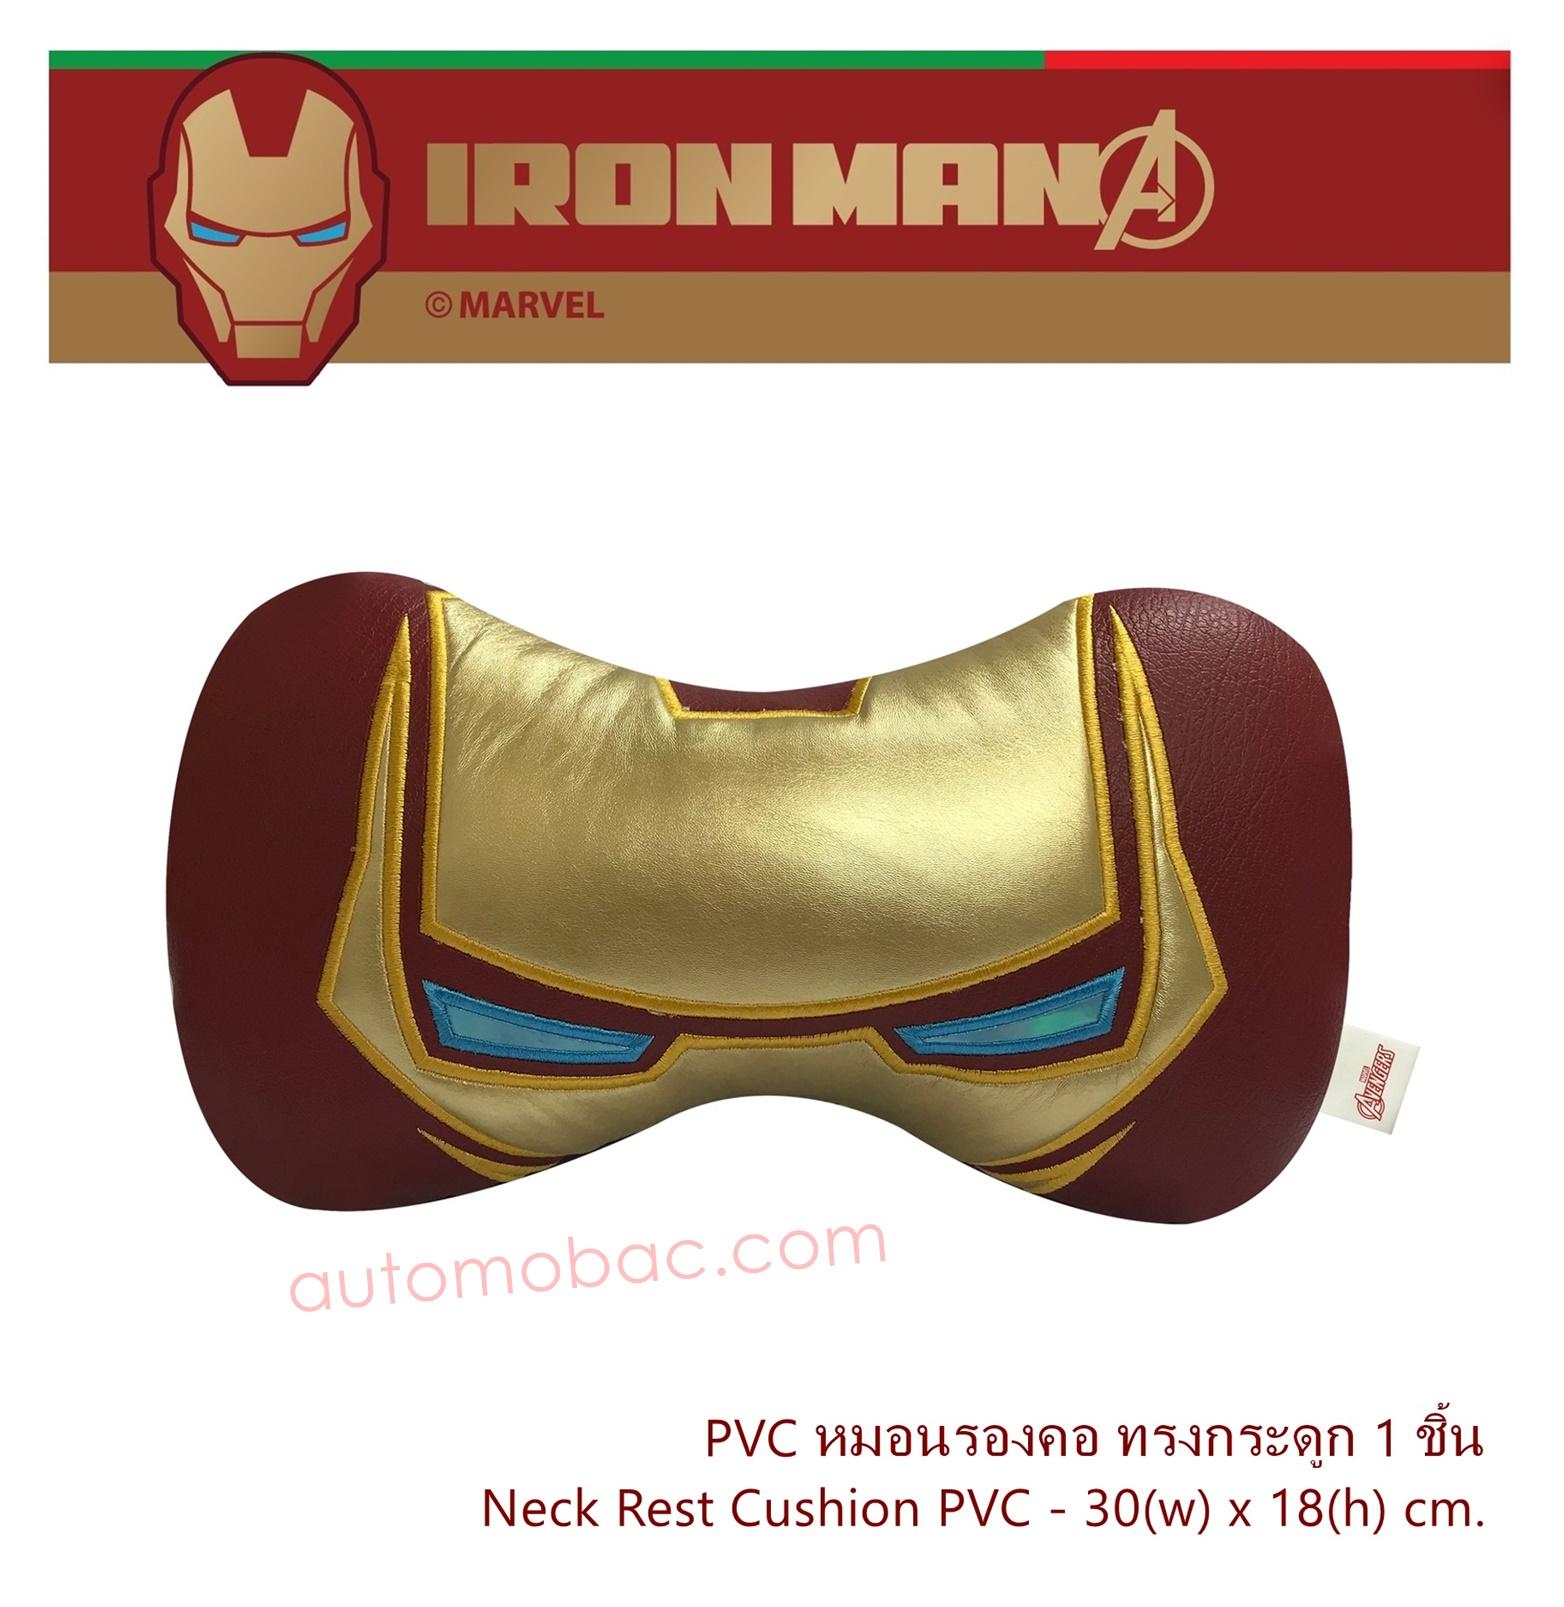 IRON-MAN หมอนรองคอ ทรงกระดูก 1 ชิ้น หนัง PVC ใช้รองคอเพื่อลดการปวดเมื่อยขณะขับรถ ลิขสิทธิ์แท้ สวยงาม